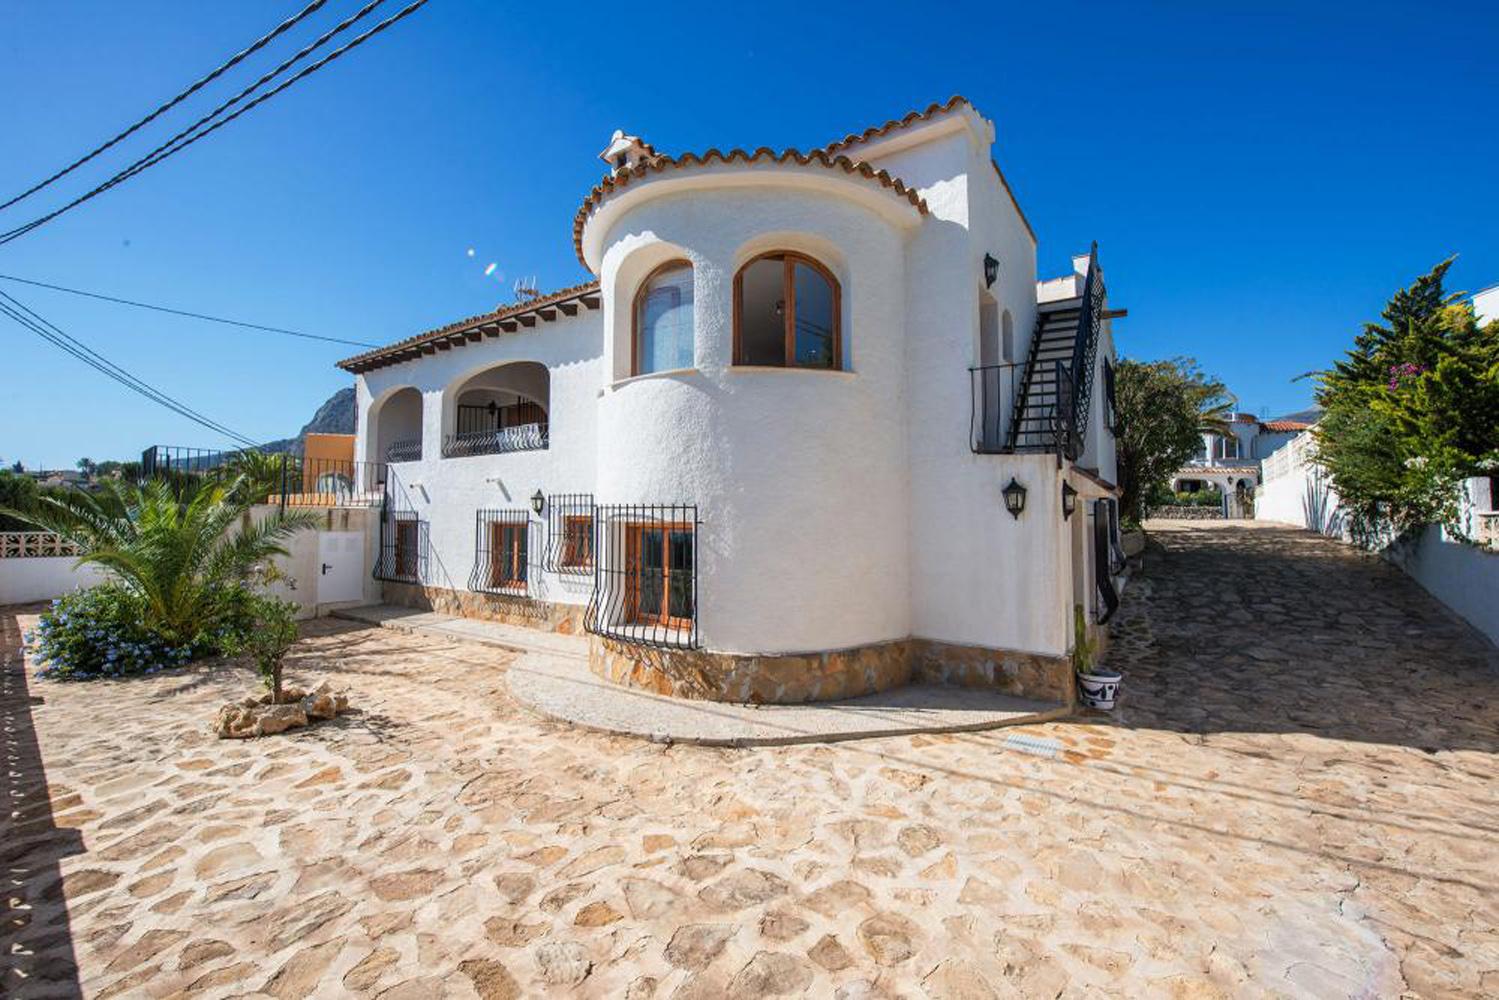 Acheter ou louer une maison 28 images villa gran sol h for Acheter une vieille maison